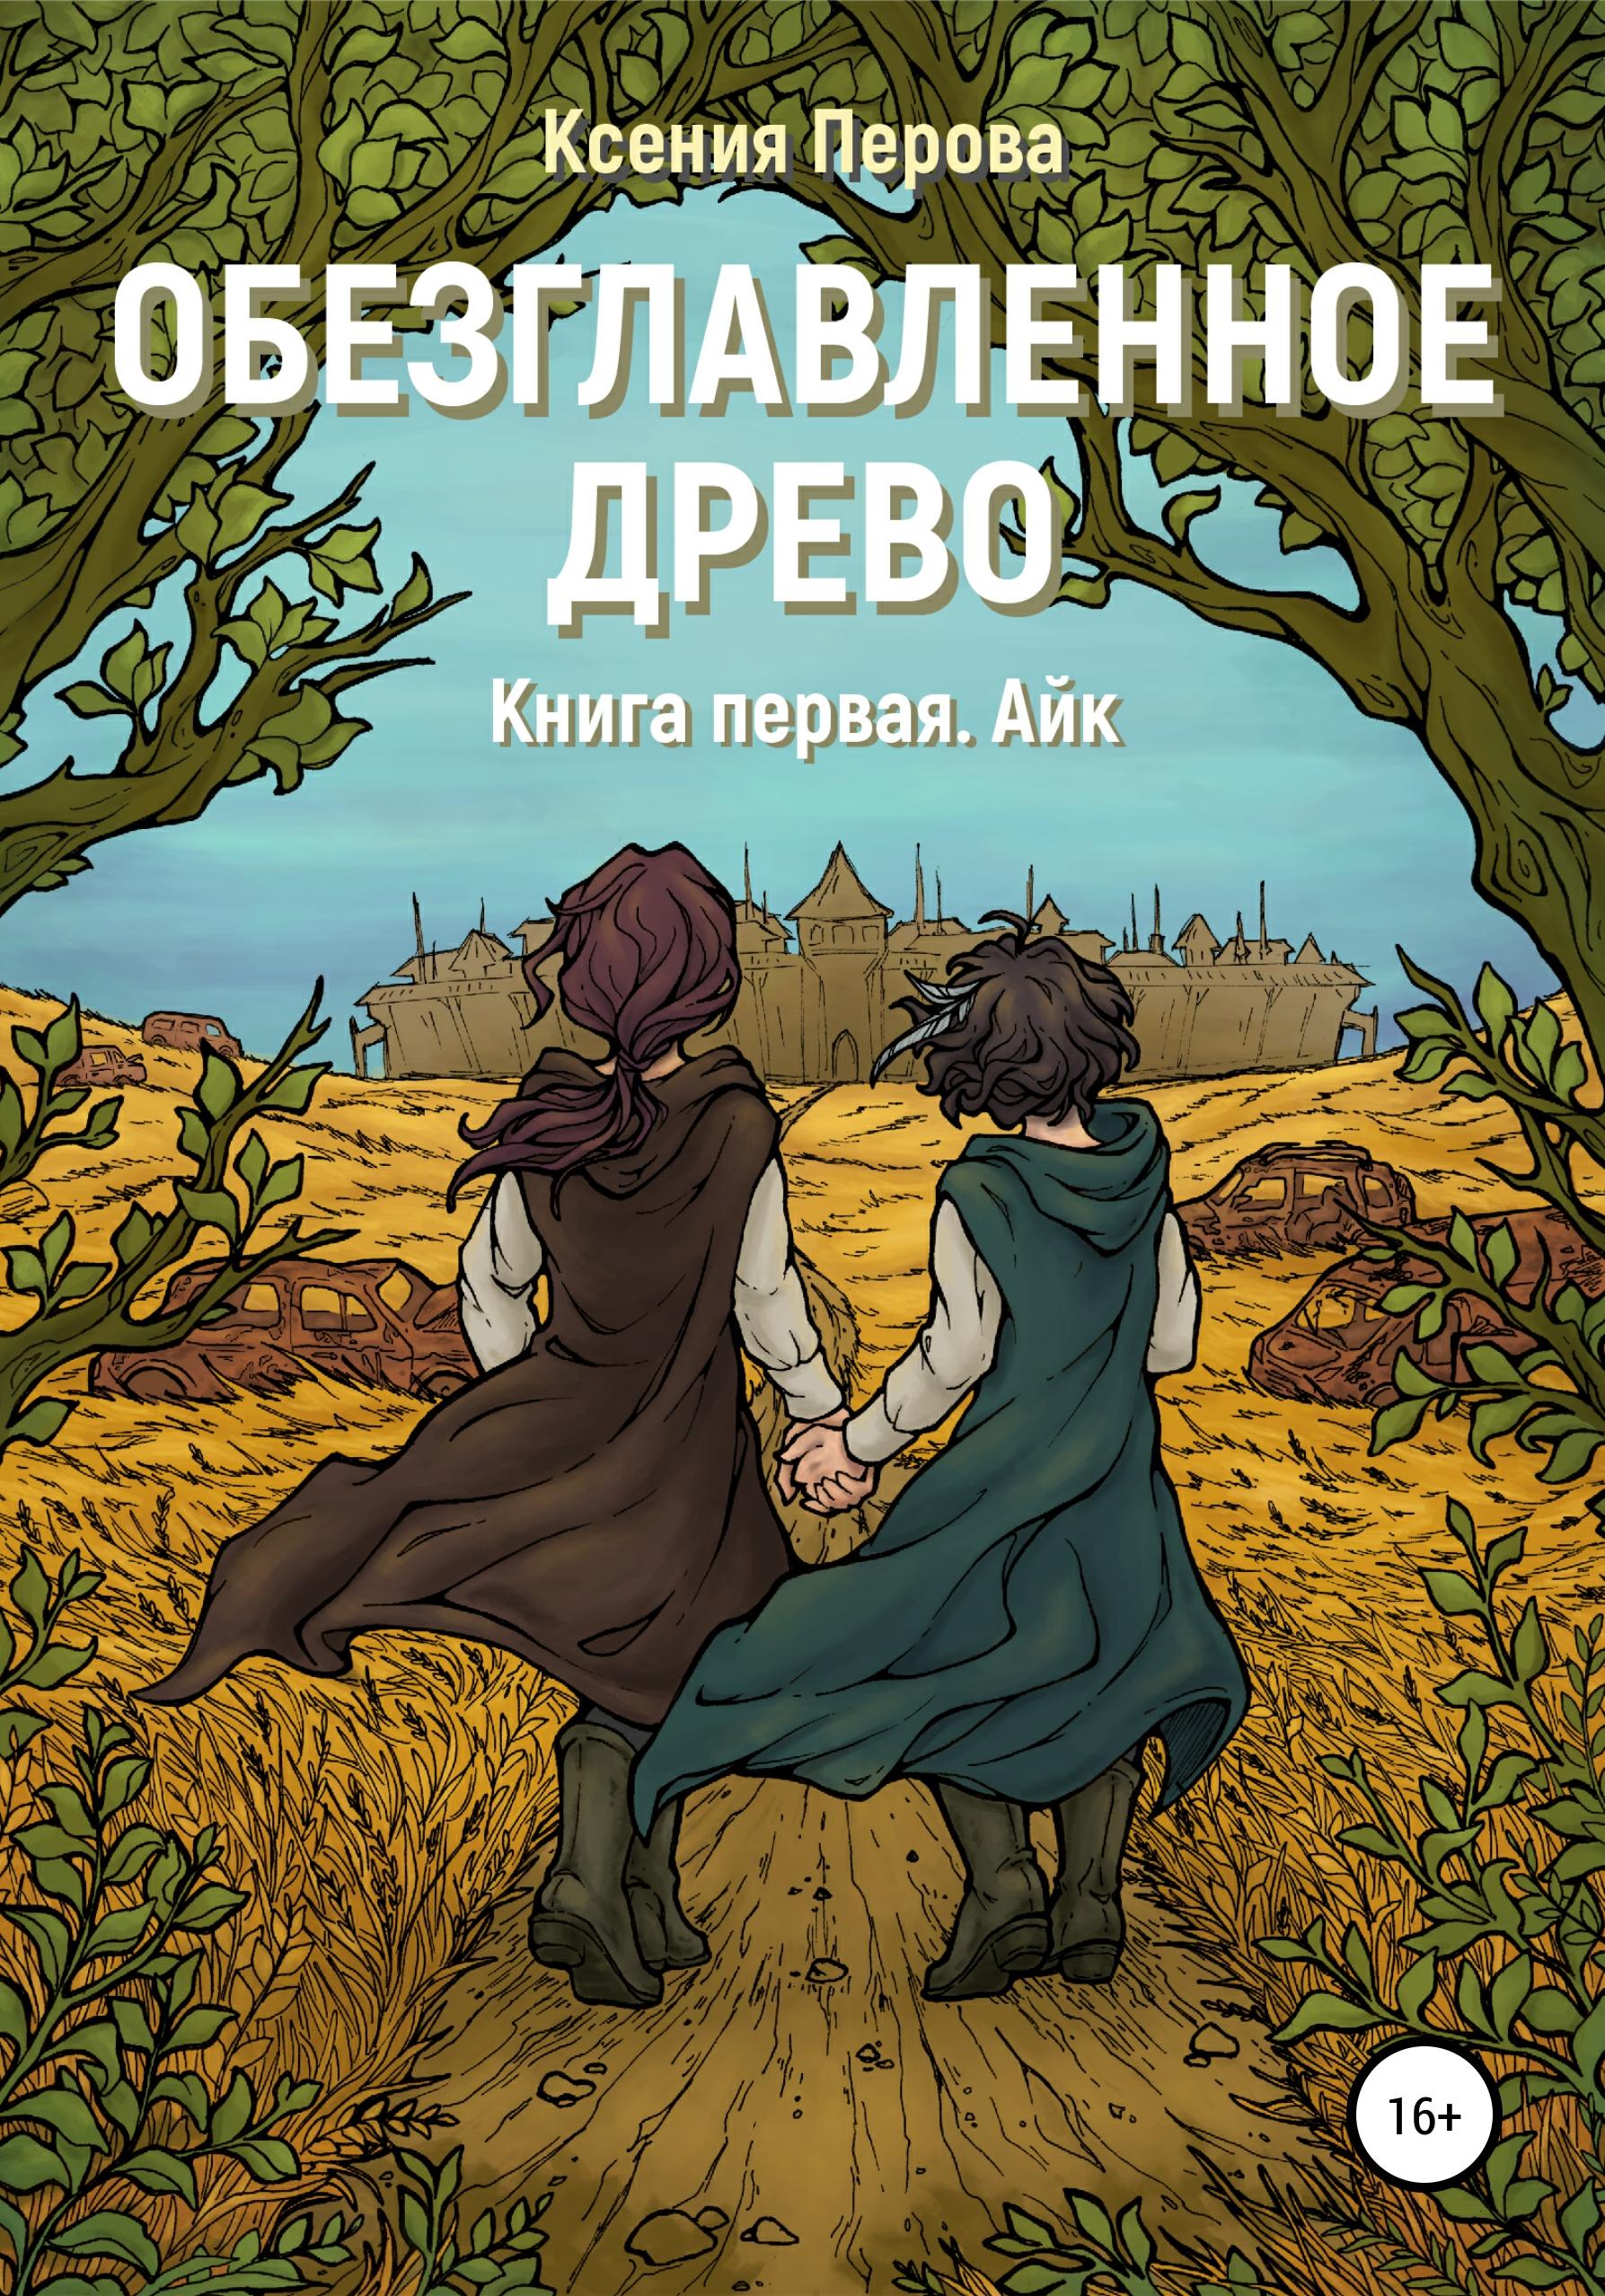 Ксения Перова - Обезглавленное древо. Книга первая. Айк